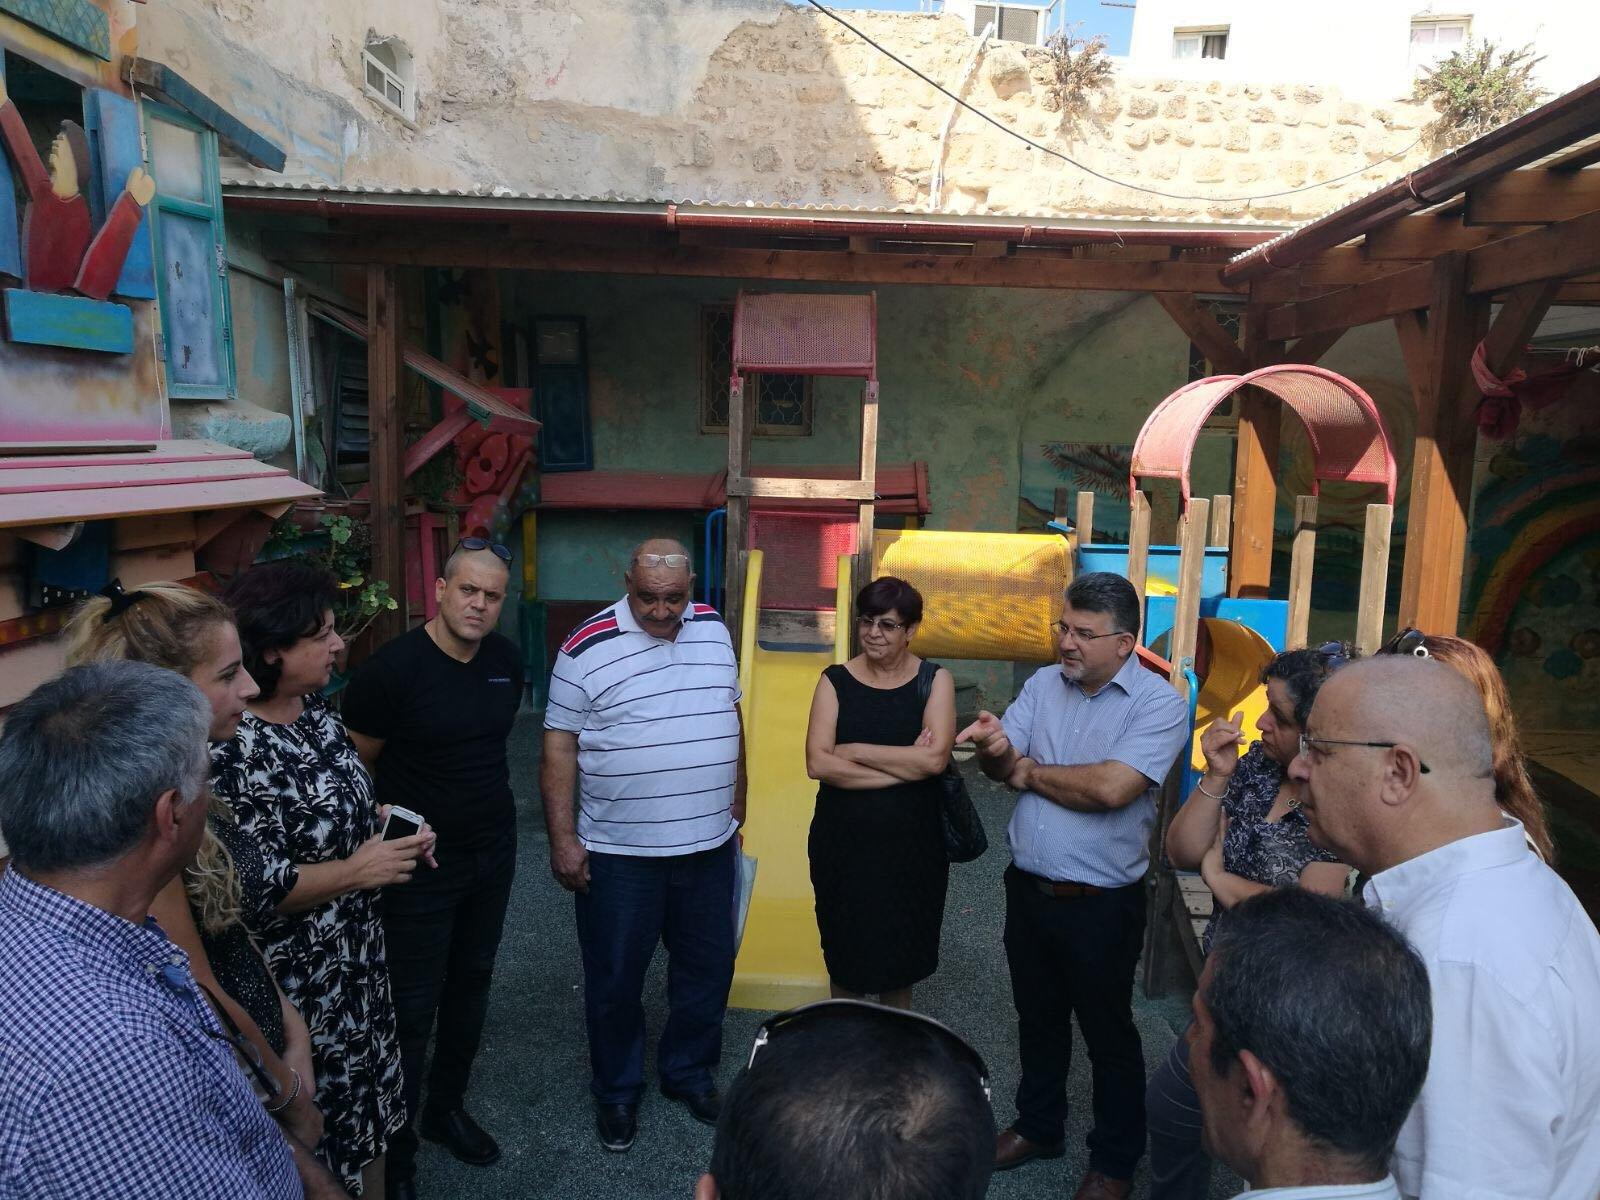 عكا: جولة ميدانية وجلسات عمل للنائبين يوسف جبارين وعايدة توما سليمان